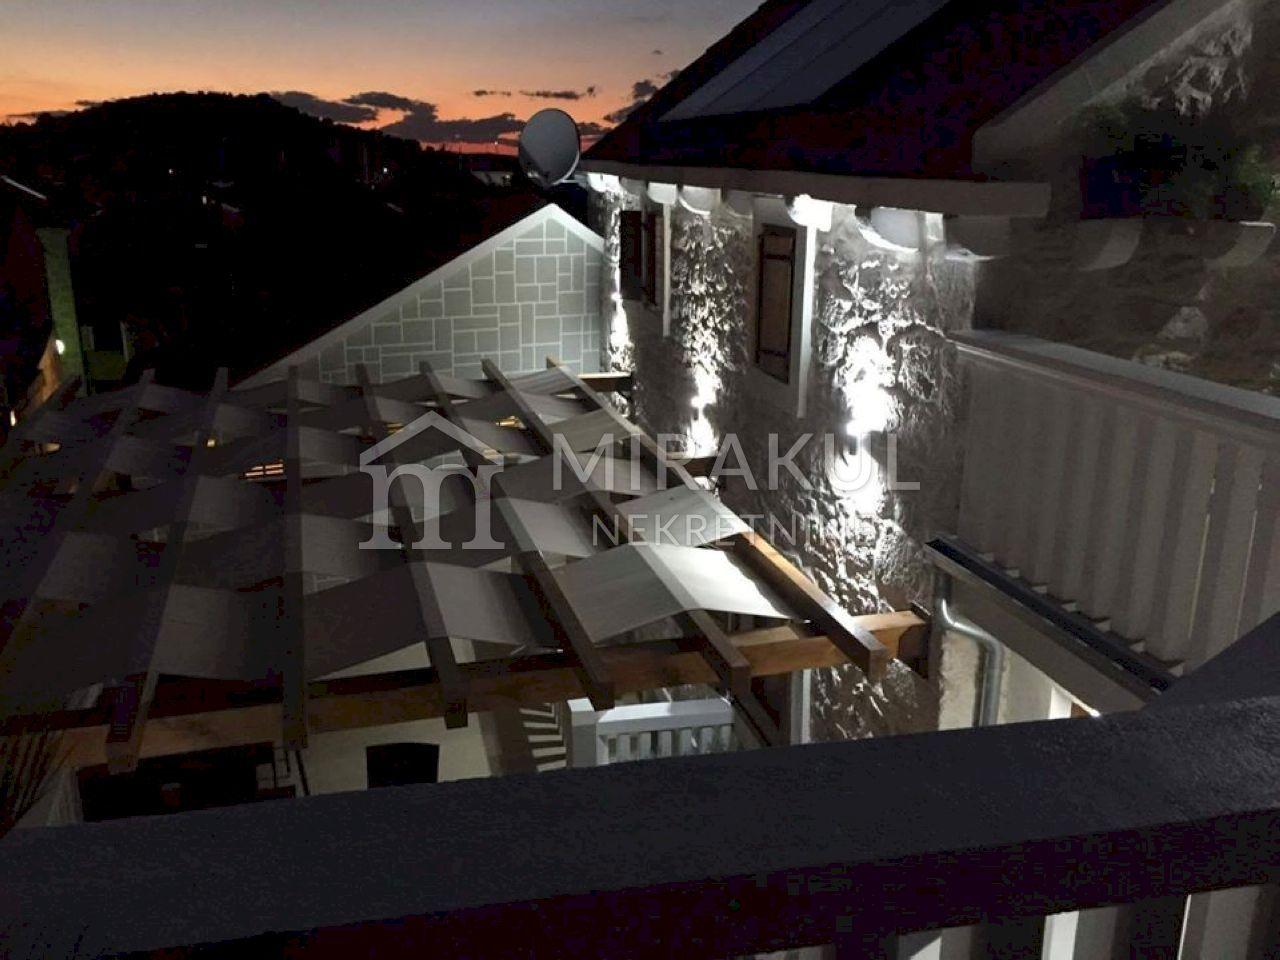 Ingatlan Betina, tradicionális dalmát kőház az óvárosban